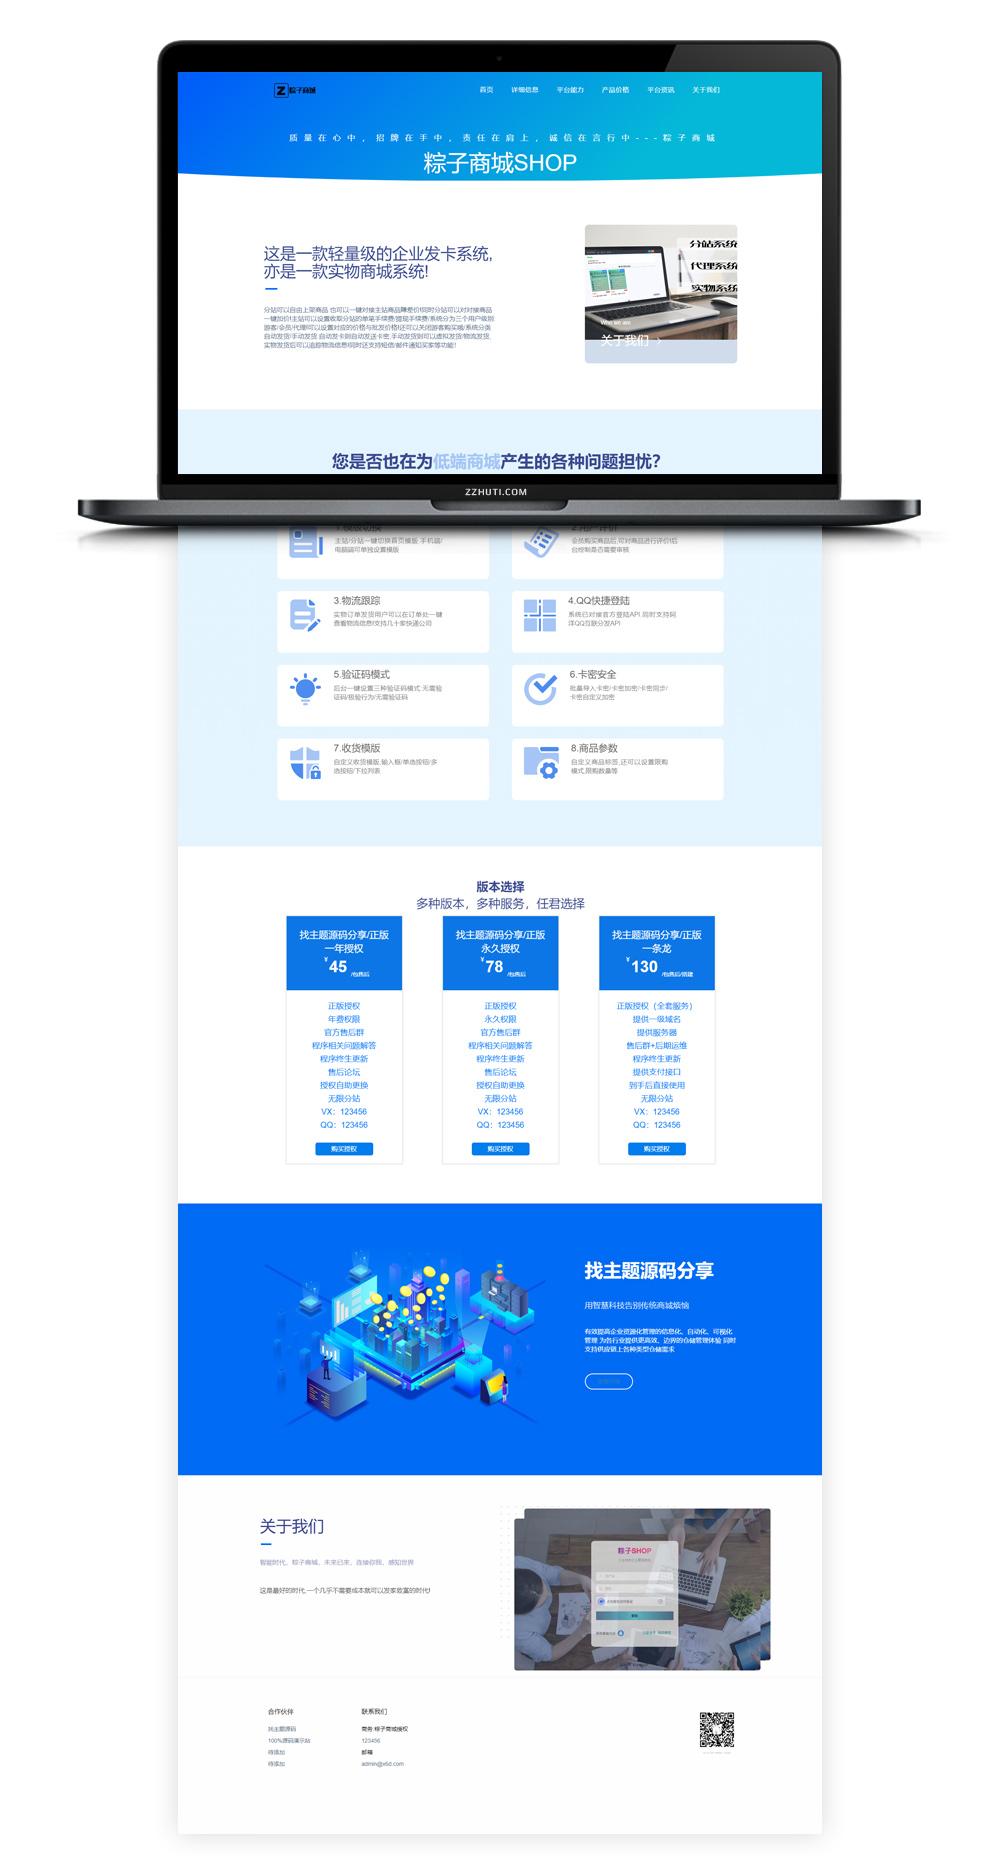 粽子简约大气纯HTML官网展示模板-找主题源码